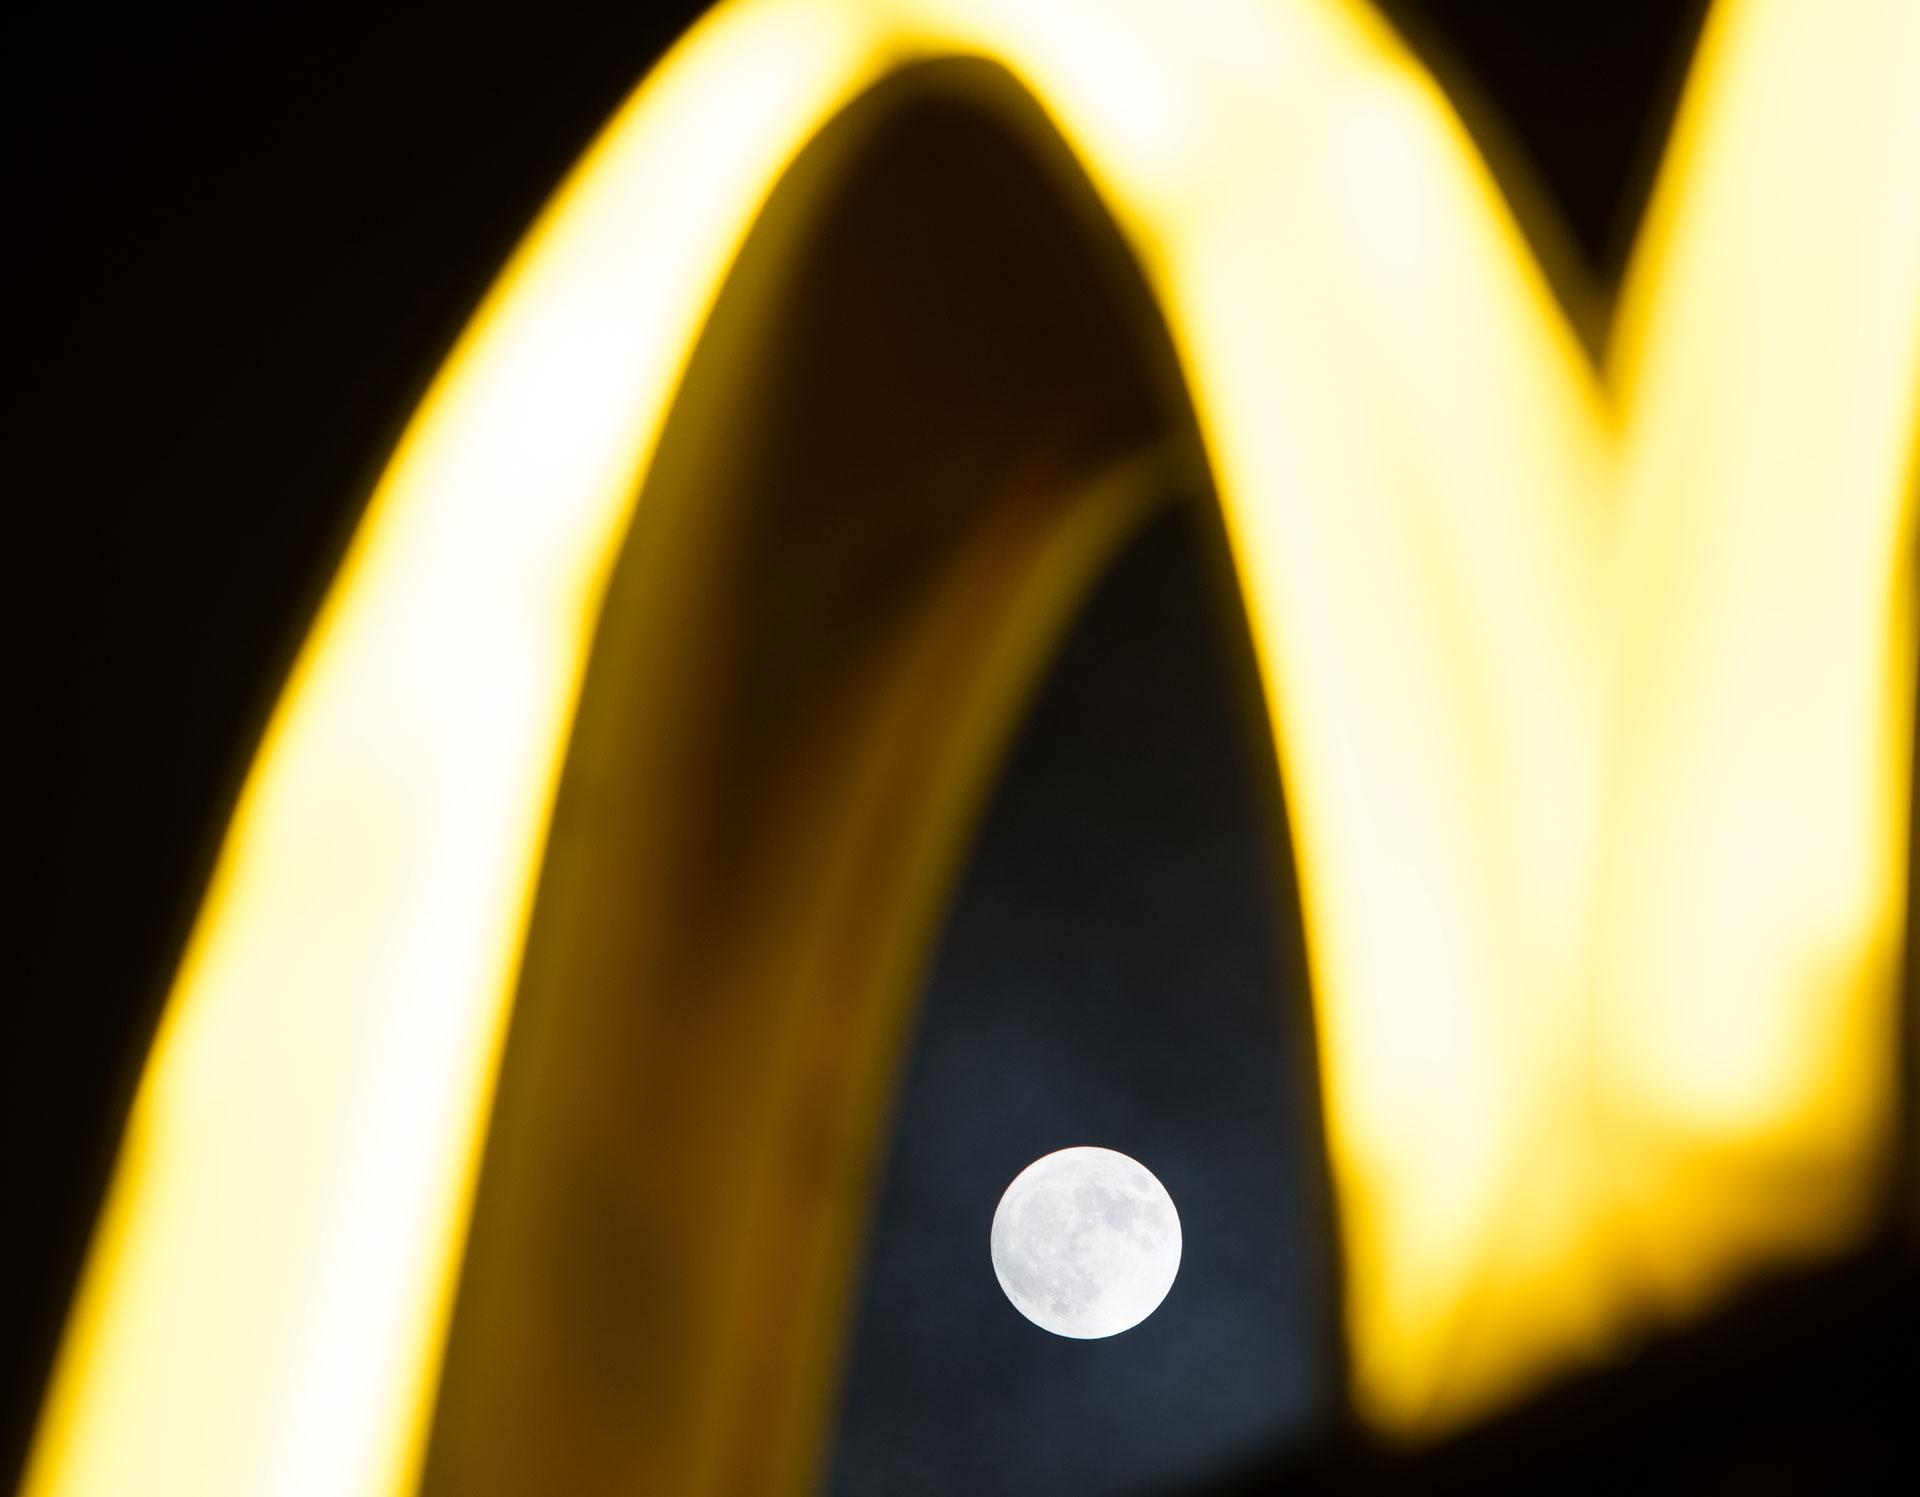 McDonald's adds Alexa support for job applications